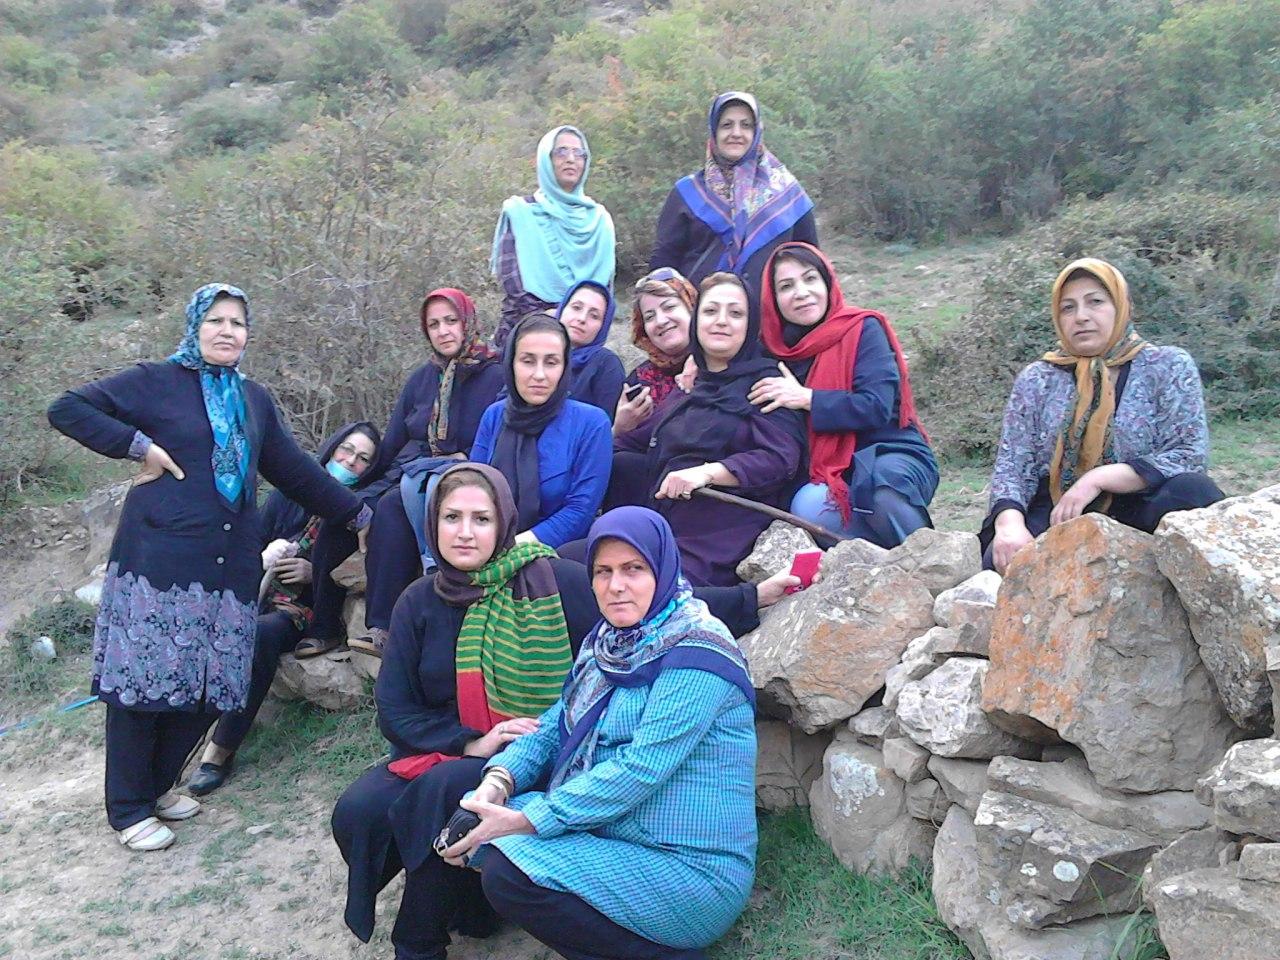 منطقه جنگلی کوهستانی شیخ موسی ییلاق طبیعت درمانی